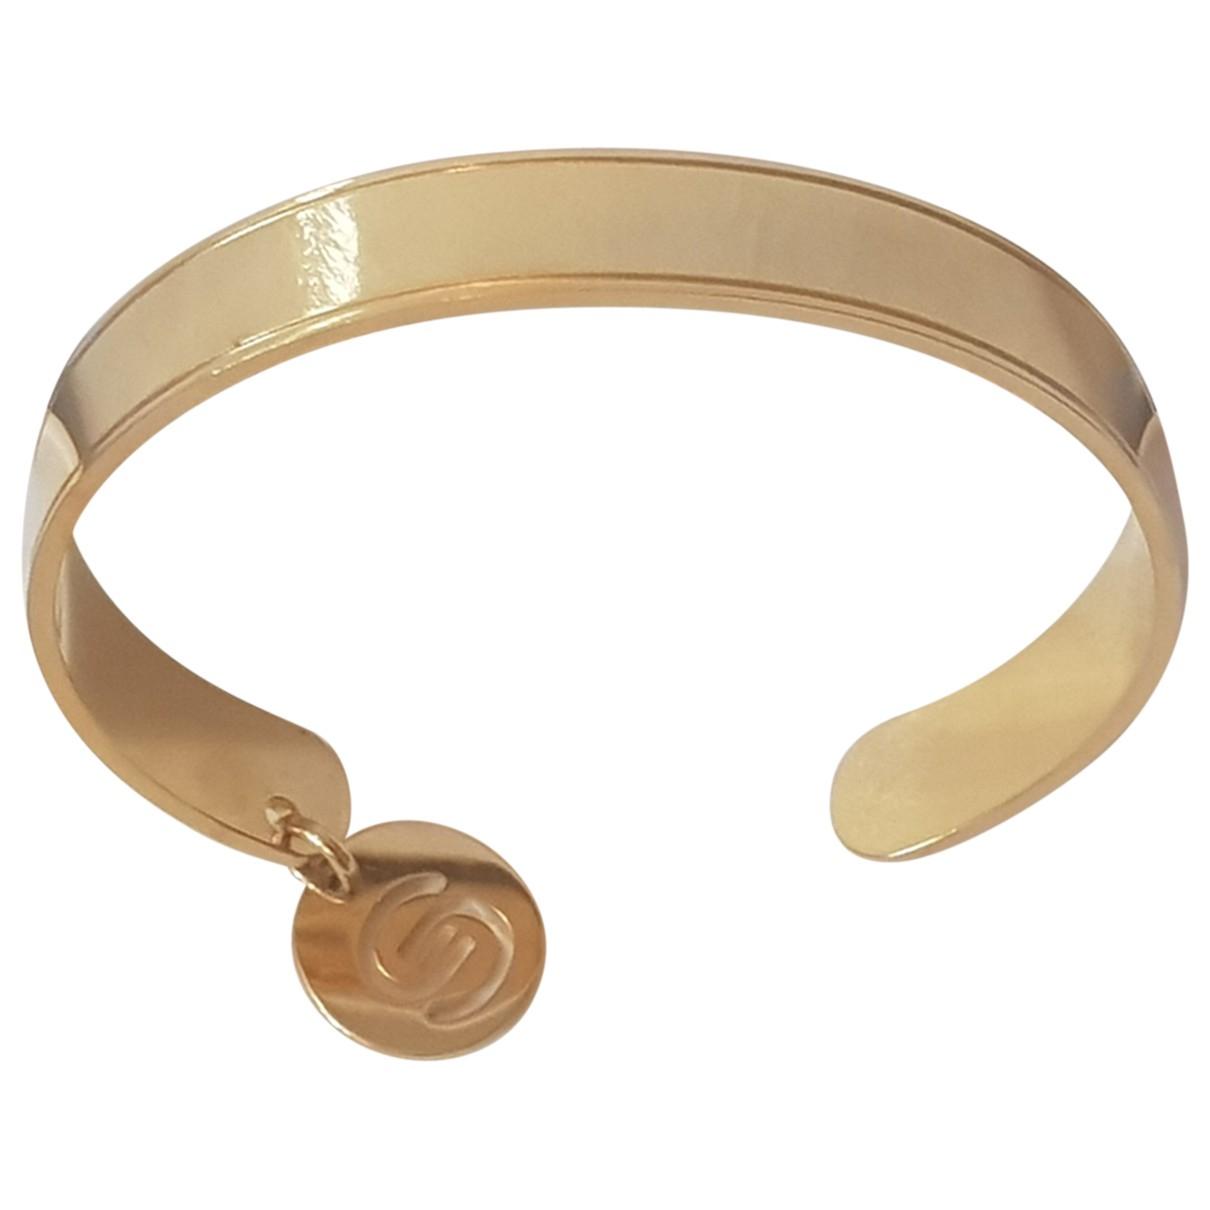 Elie Saab \N Gold Metal bracelet for Women \N